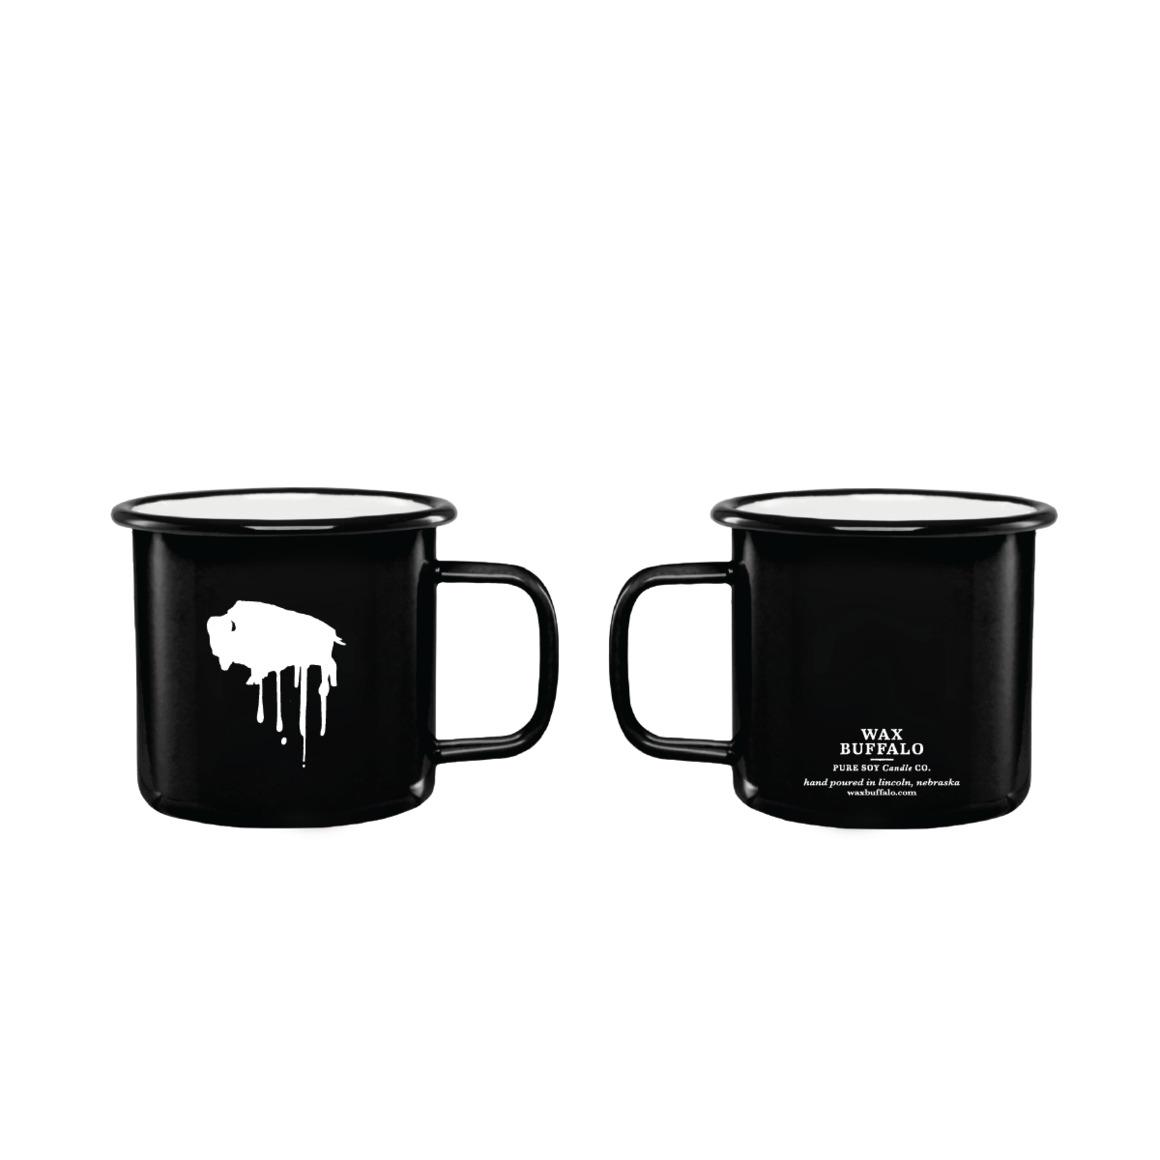 12oz Enamel Mug Candle | Trada Marketplace